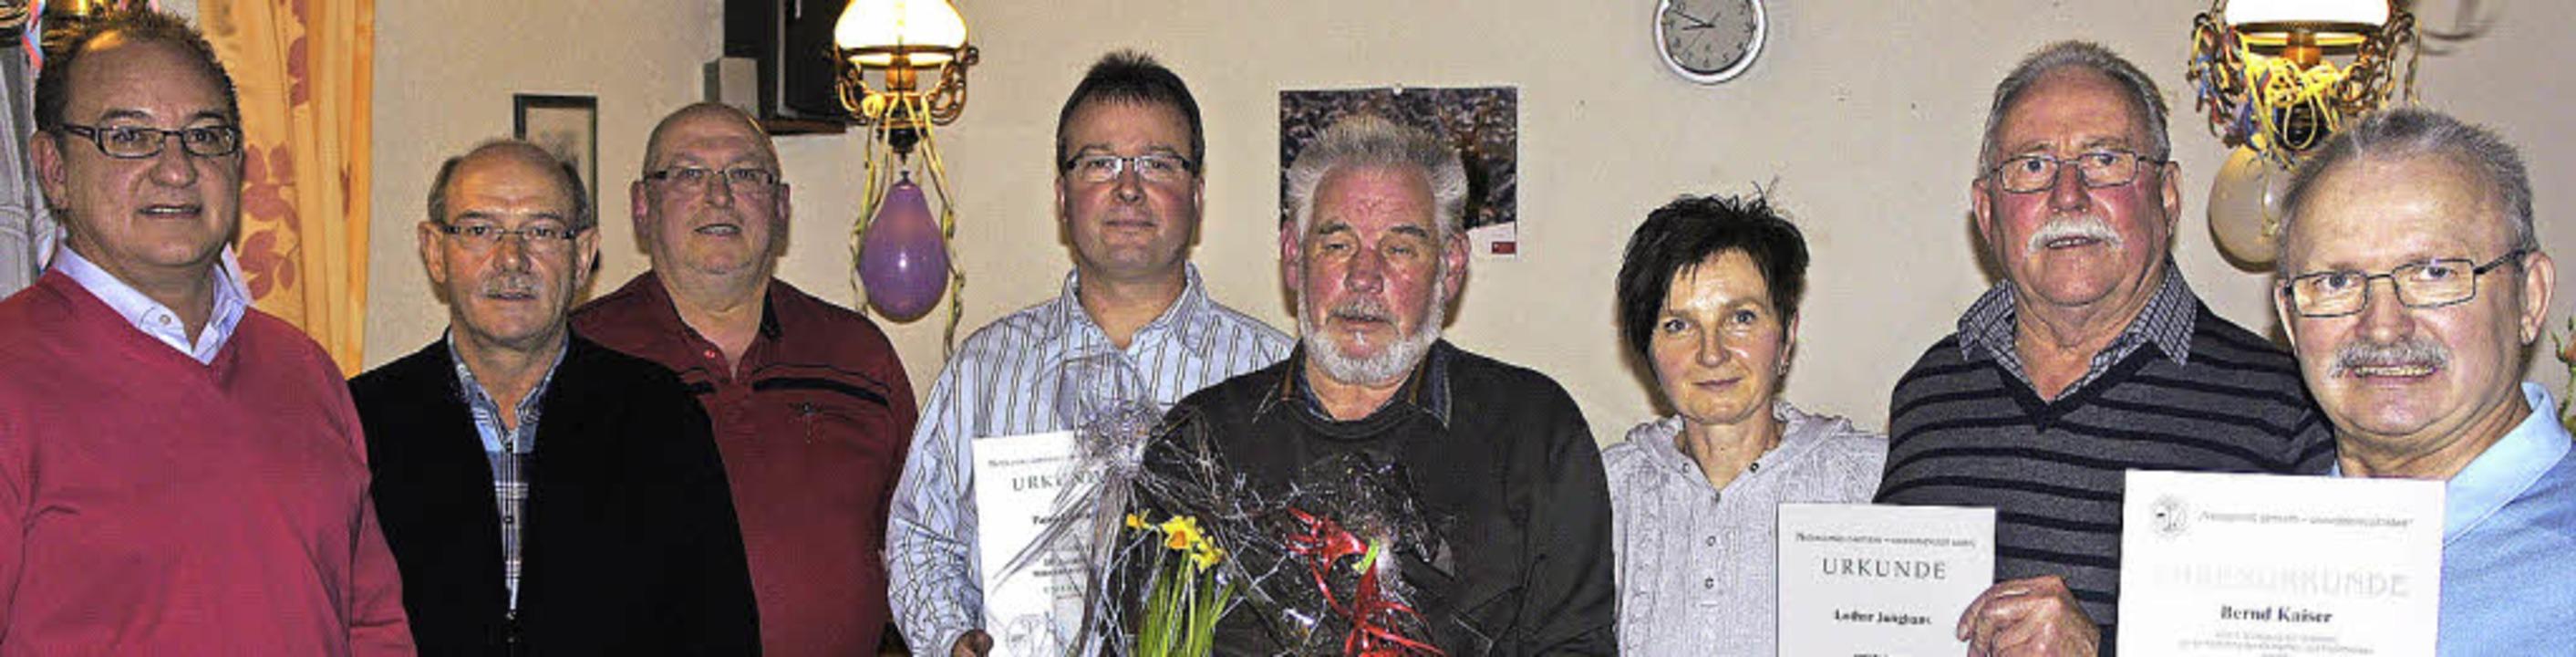 Gewählt und geehrt (von links): der  V...i, Lothar Junghans  und Bernd Kaiser      Foto: Reinhard Herbrig